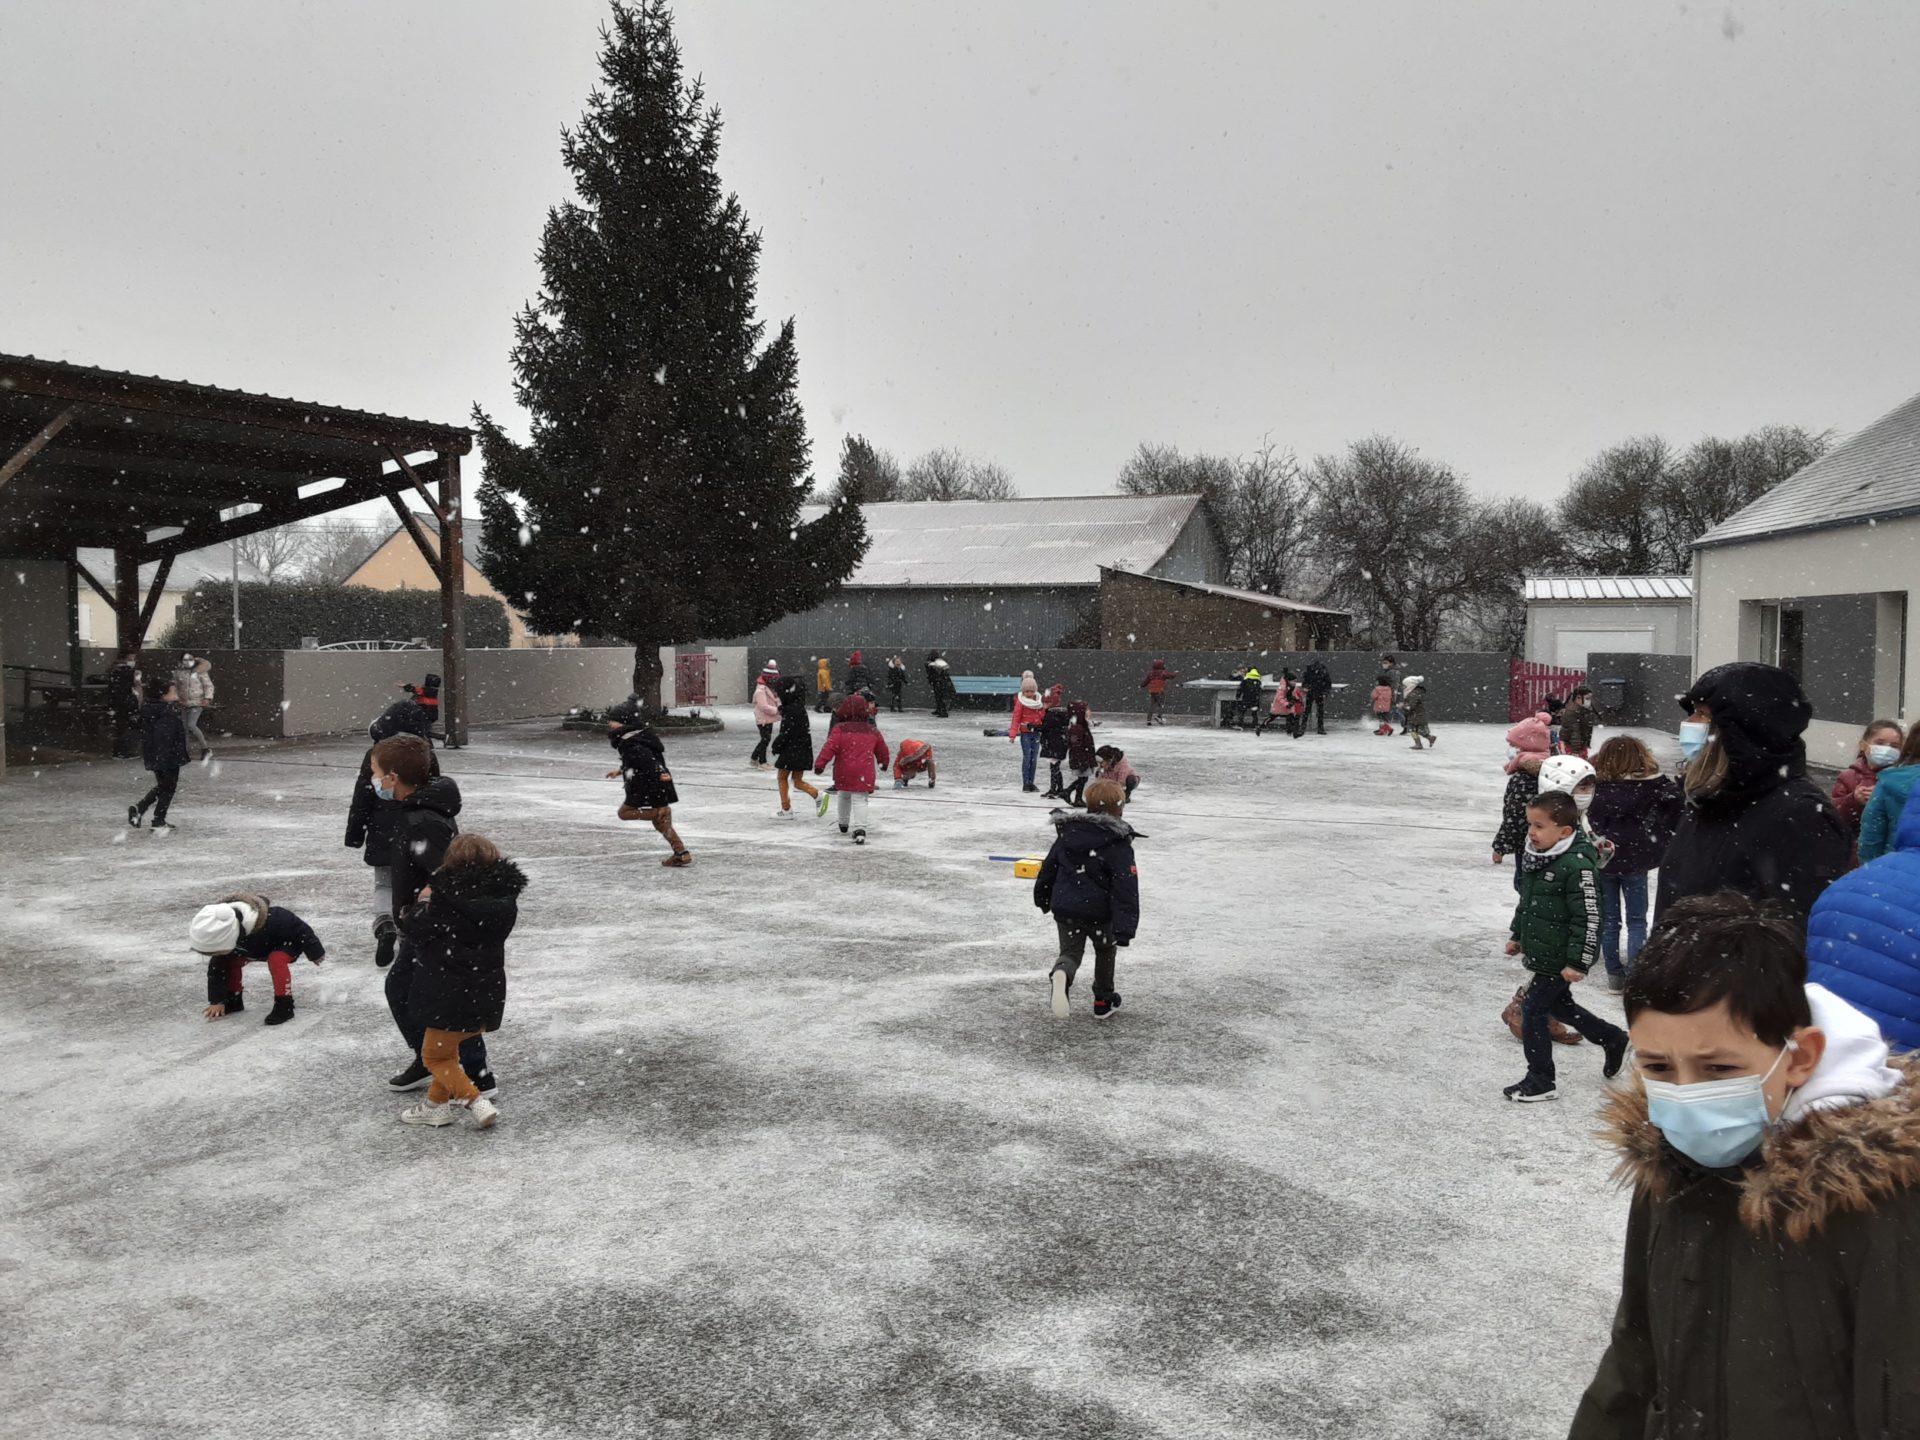 Jeudi 11 février 2021, il neige à l'école!